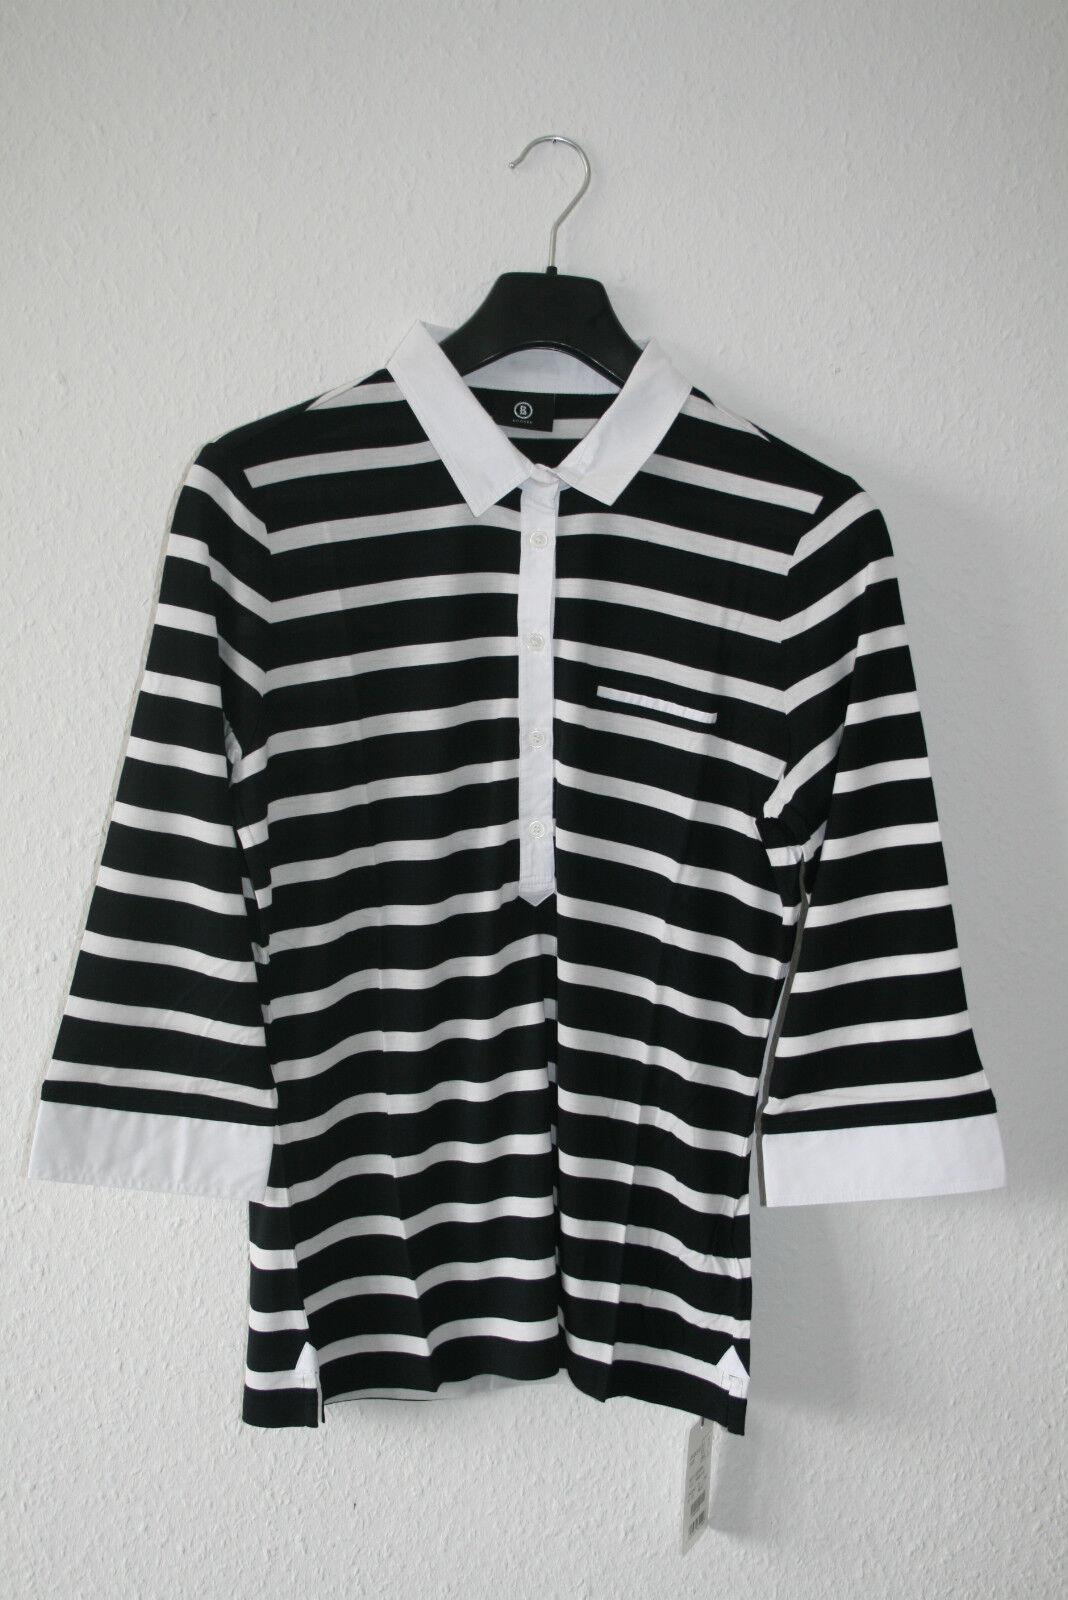 Bogner Damen Shirt - Größe 38 - UVP€ 180,00 - 100 % Viscose